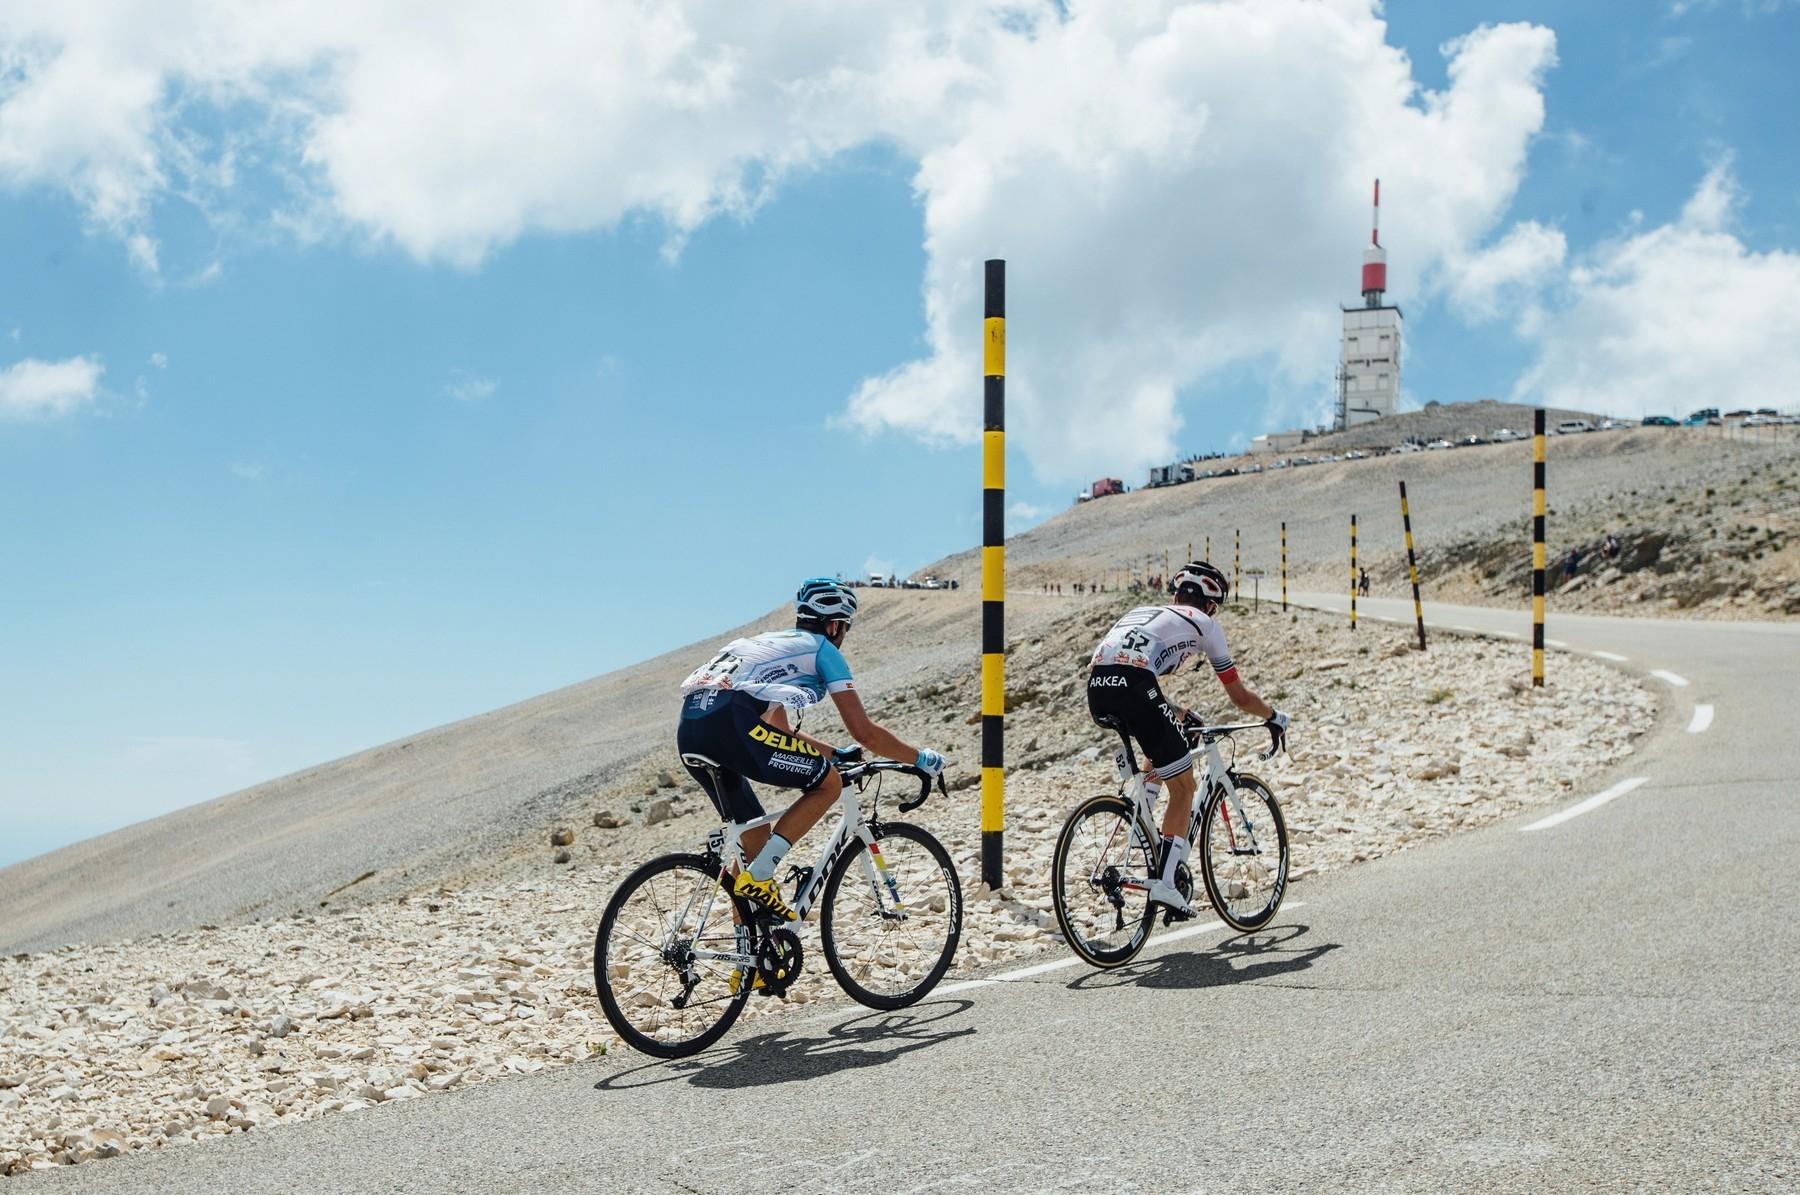 Mont Ventoux budí tradičně u cyklistů respekt. A týká se to i startovního pole Tour de France. Foto: profimedia